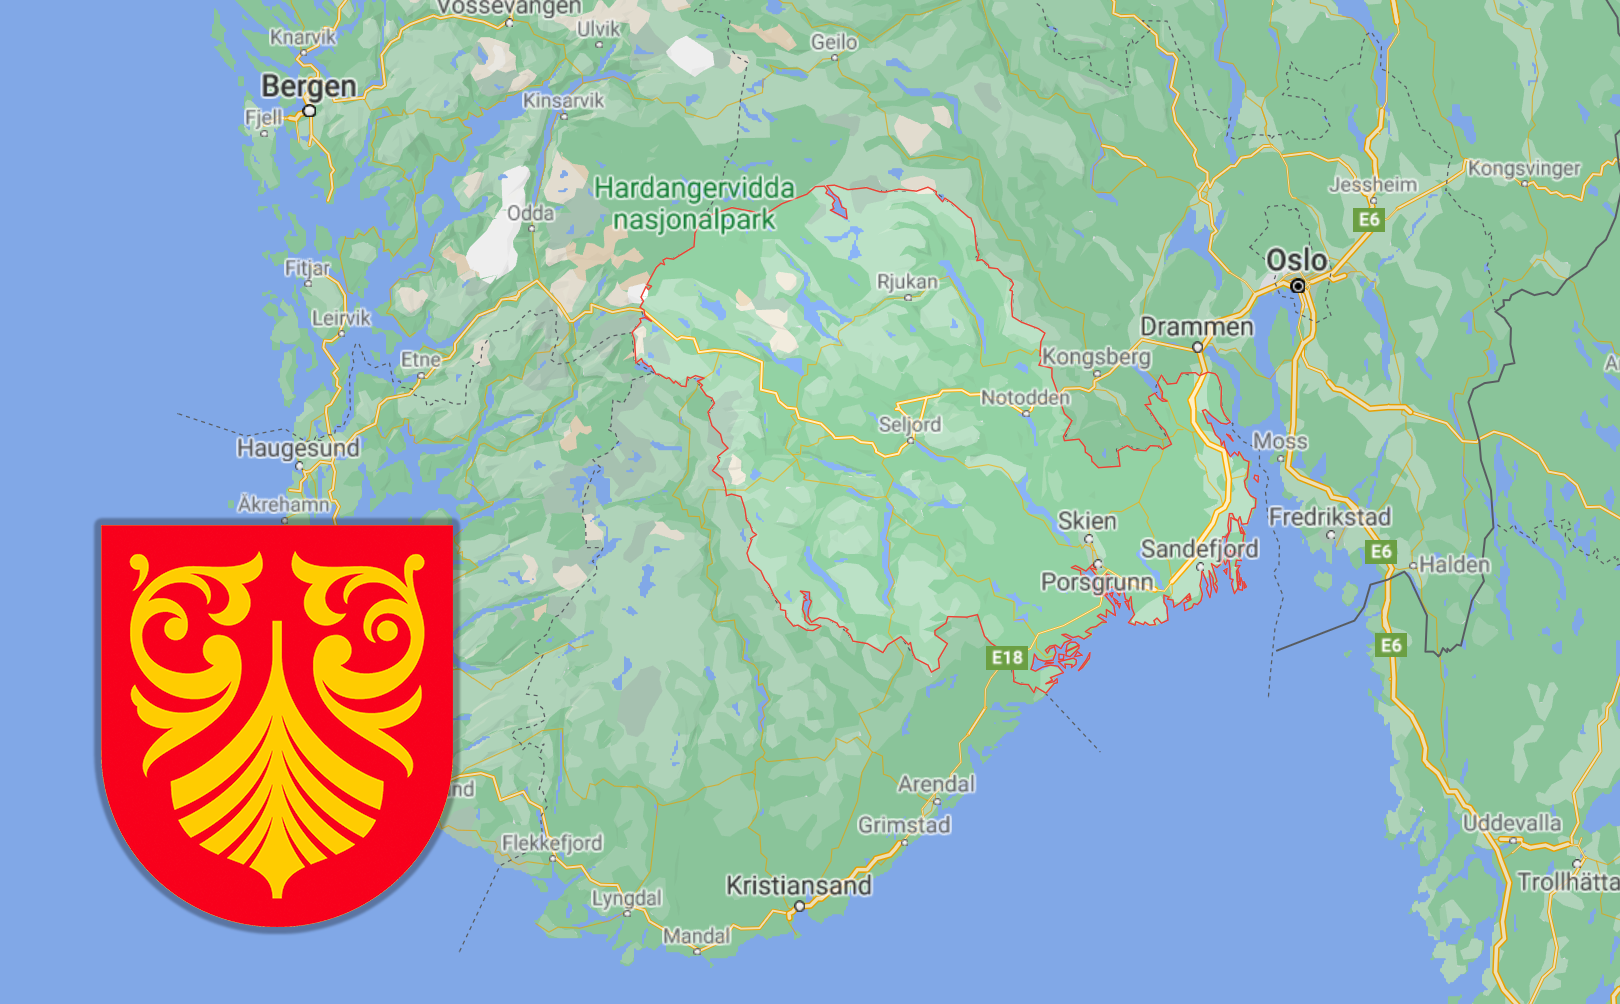 Fiber Vestfold og Telemark